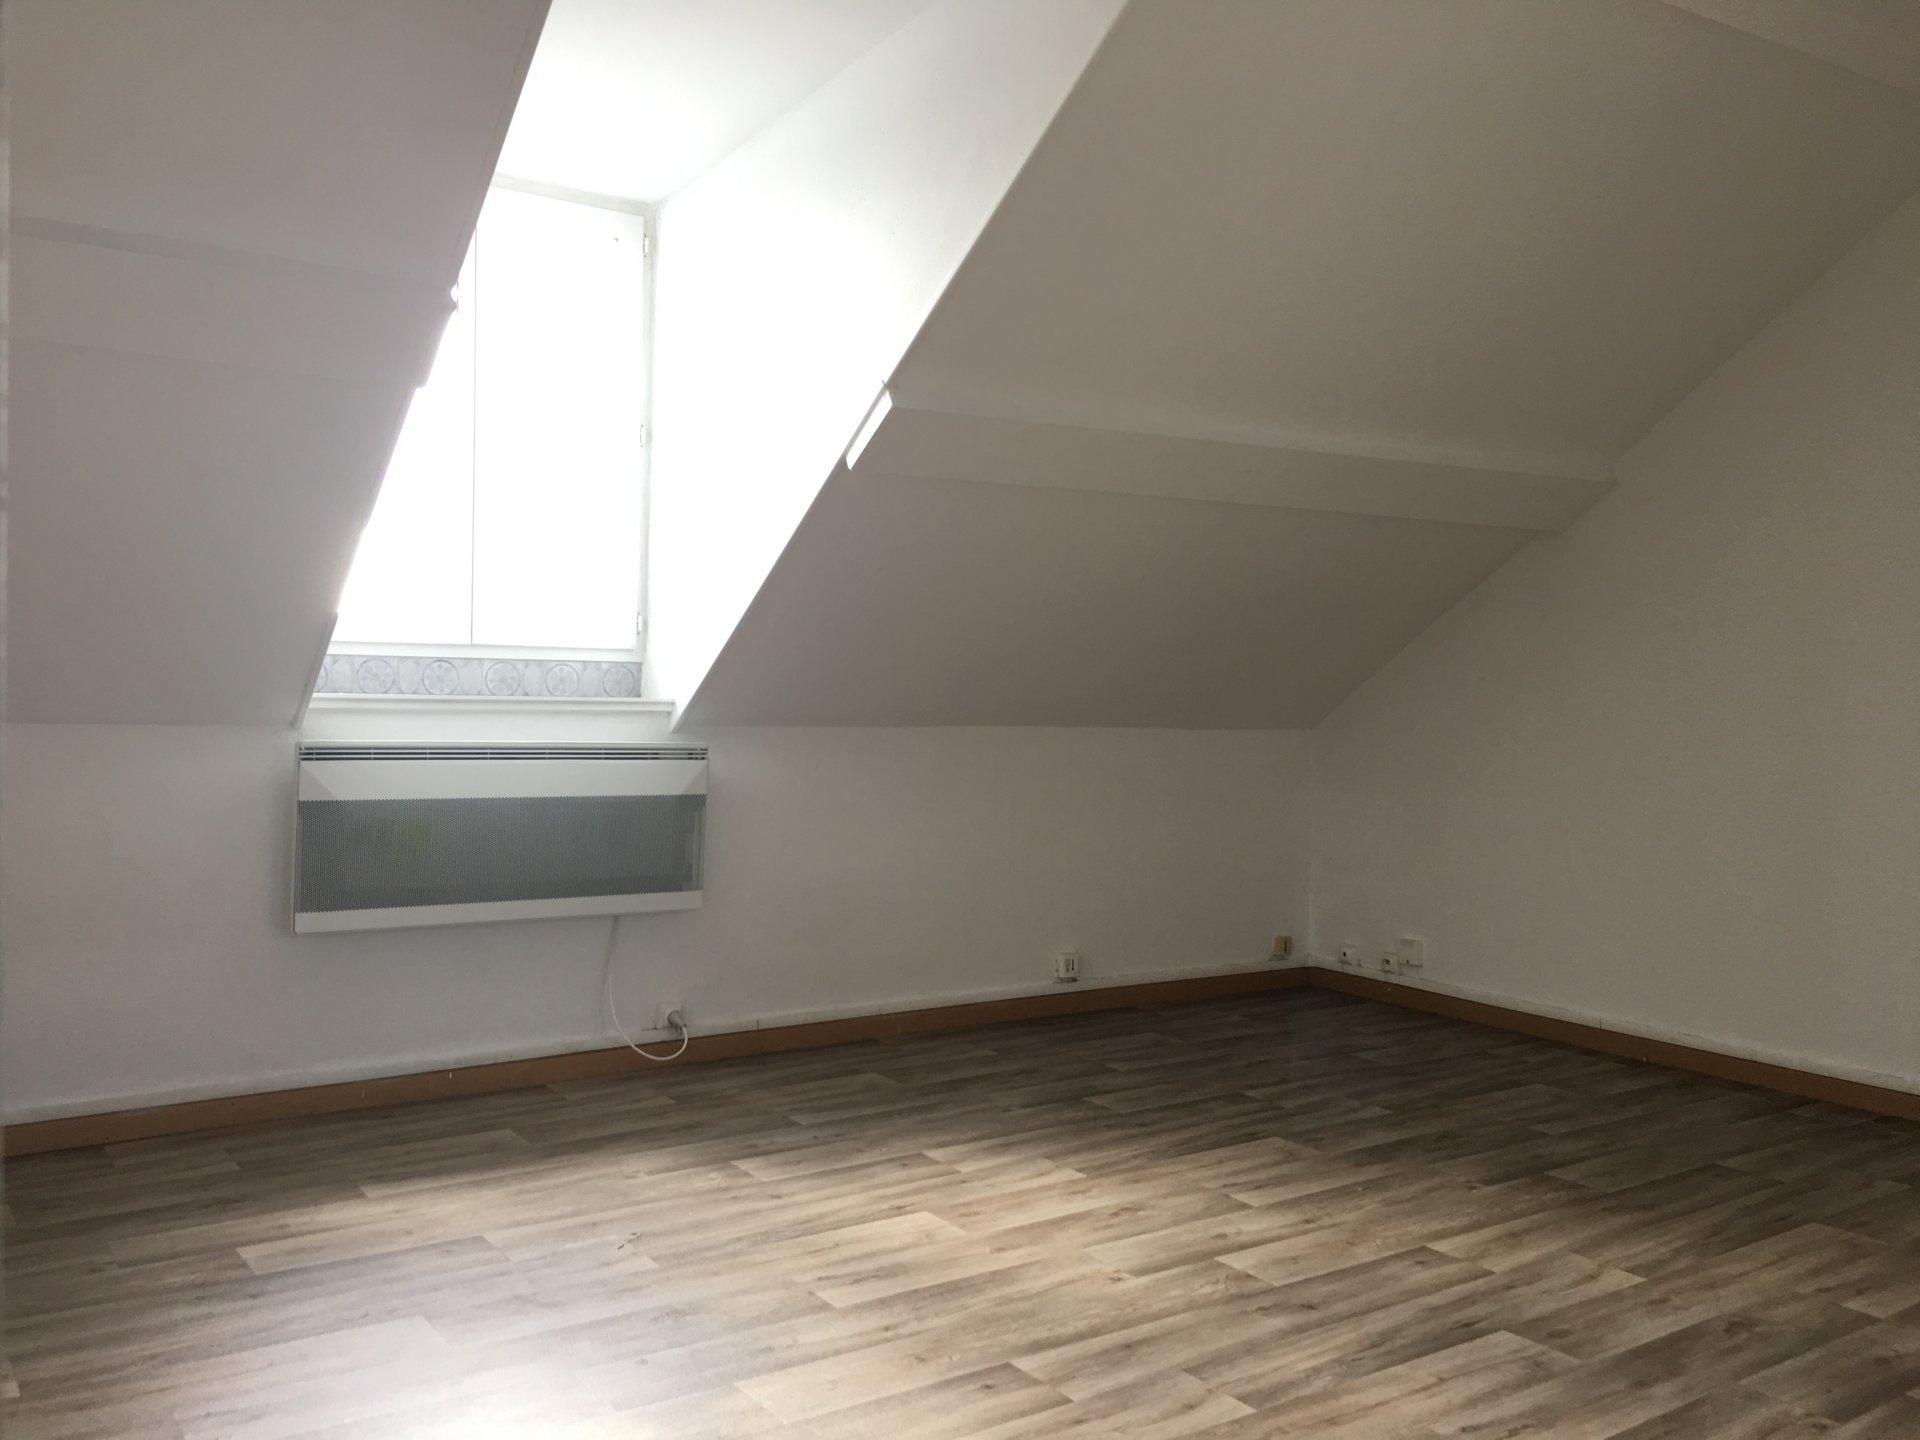 Studio - 25m2 - Amiens